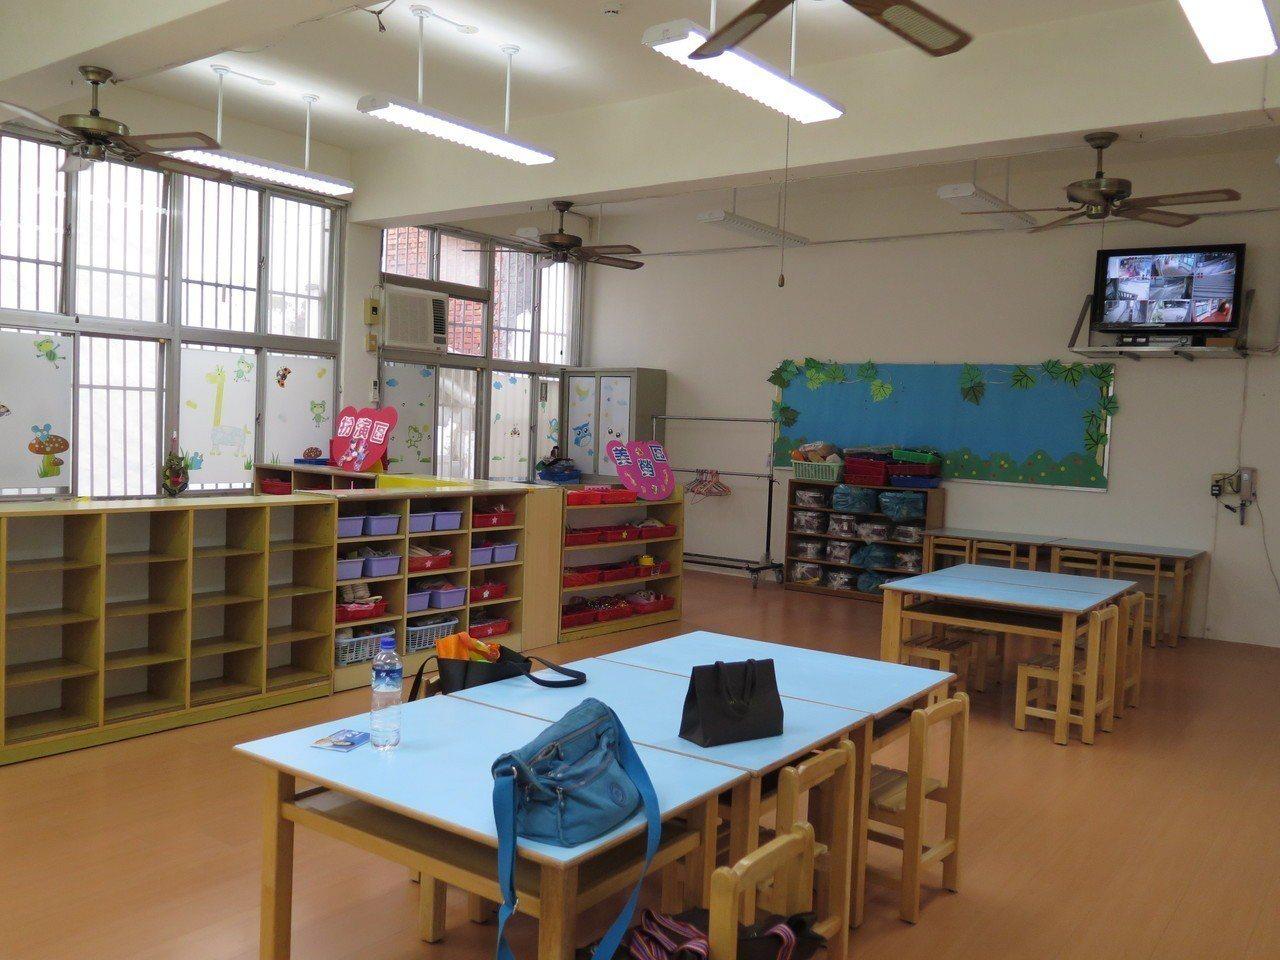 桃園市立幼兒園慈文分班今年7月停辦,將轉型為社區公共托育家園,預計年底修建完成。...